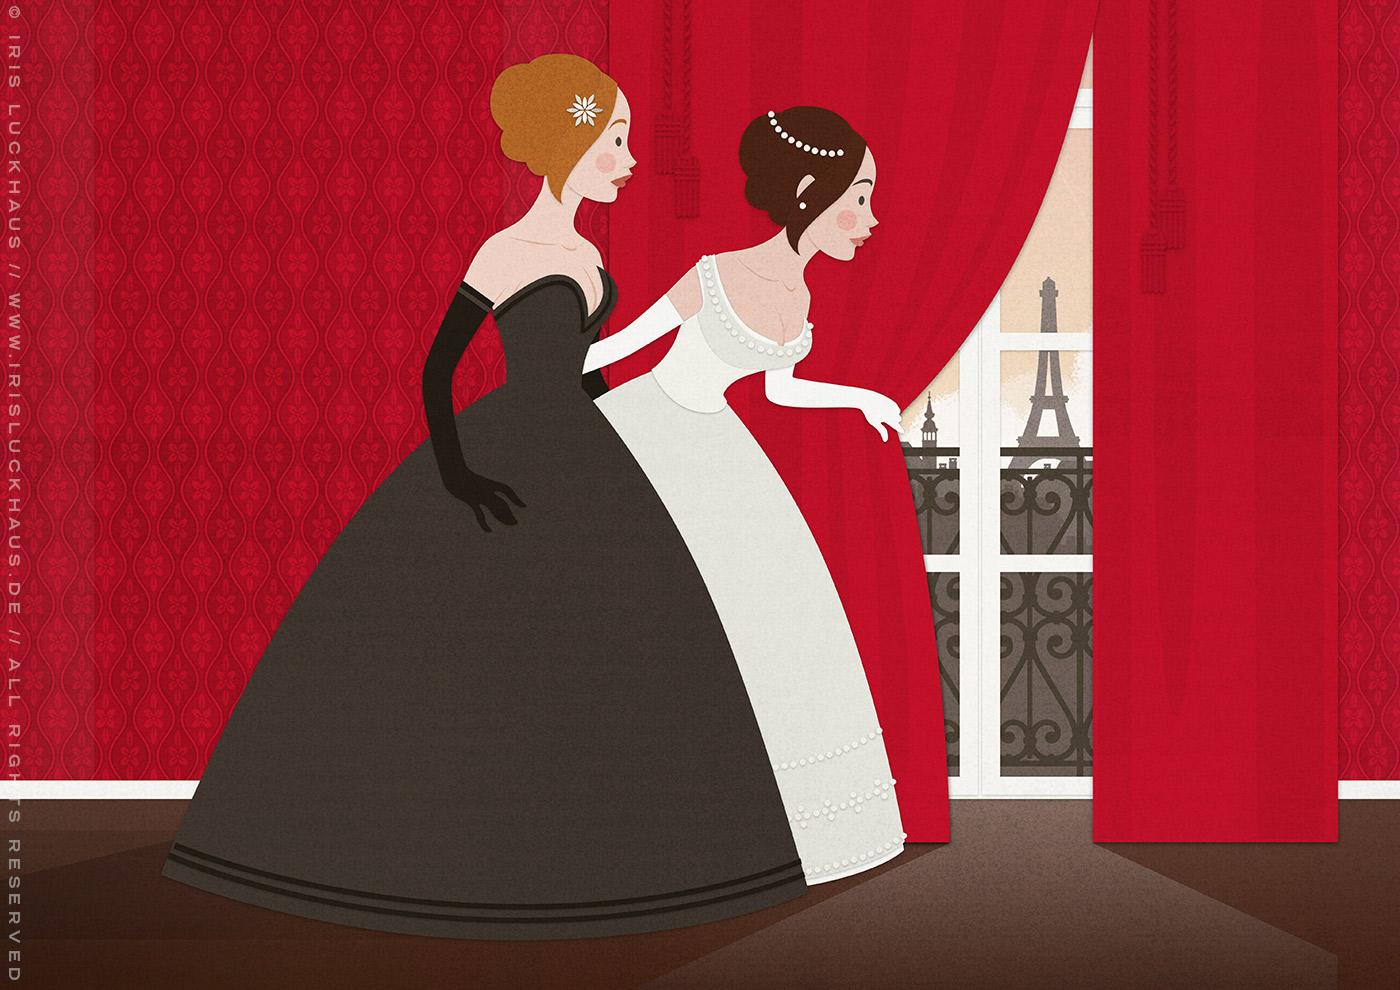 Vektorillustration für ein Märchen mit zwei Mädchen, Freundinnen wie Prinzessinnen, im Ballkleid, die voller Neugier hinter einen roten Vorhang spähen und Paris erblicken, von Iris Luckhaus